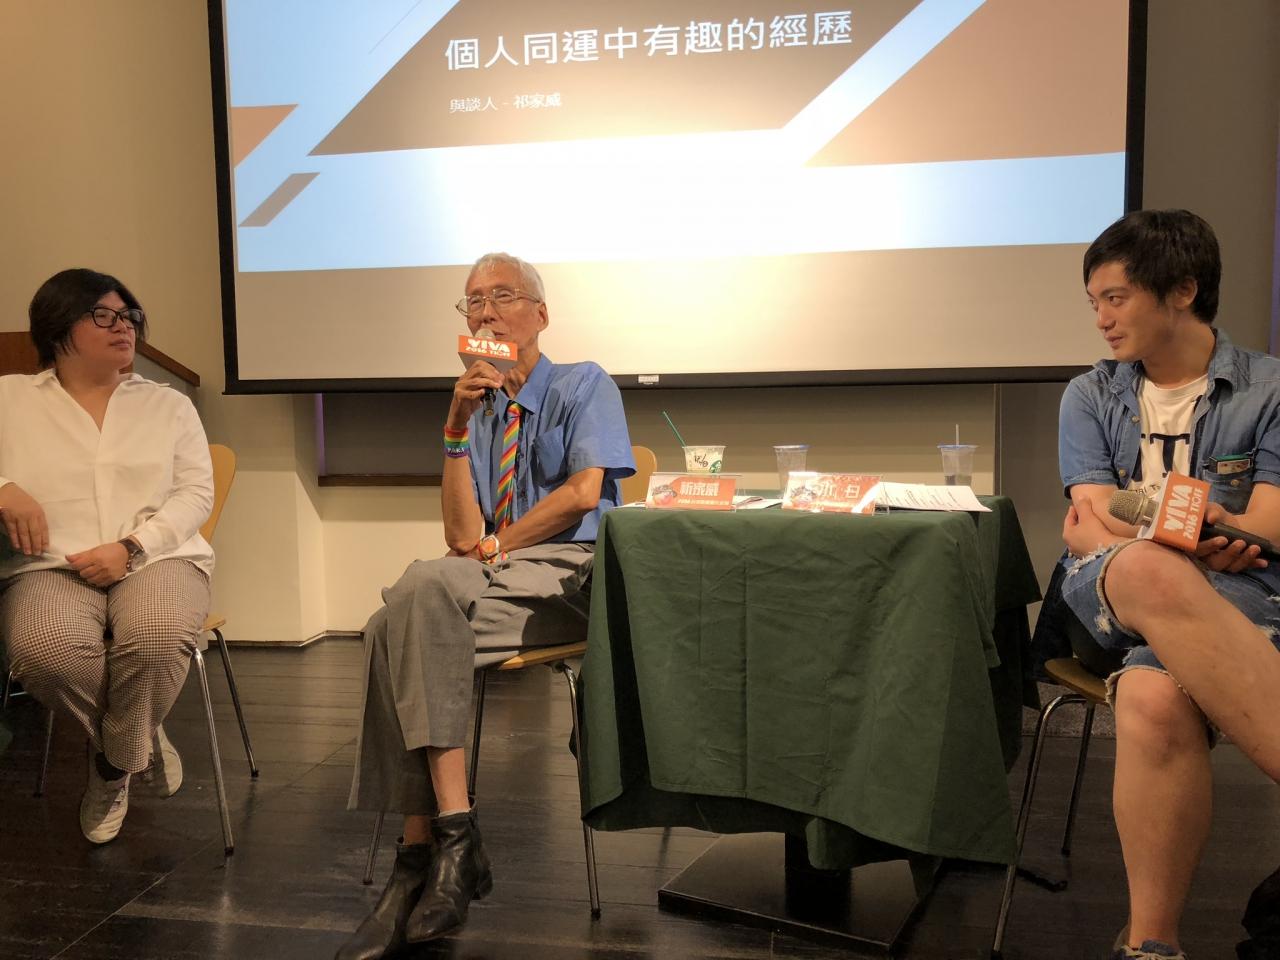 酷儿影展邀请祁家威(中)与同游总召小白(右)对谈。(摄影:王颢中)